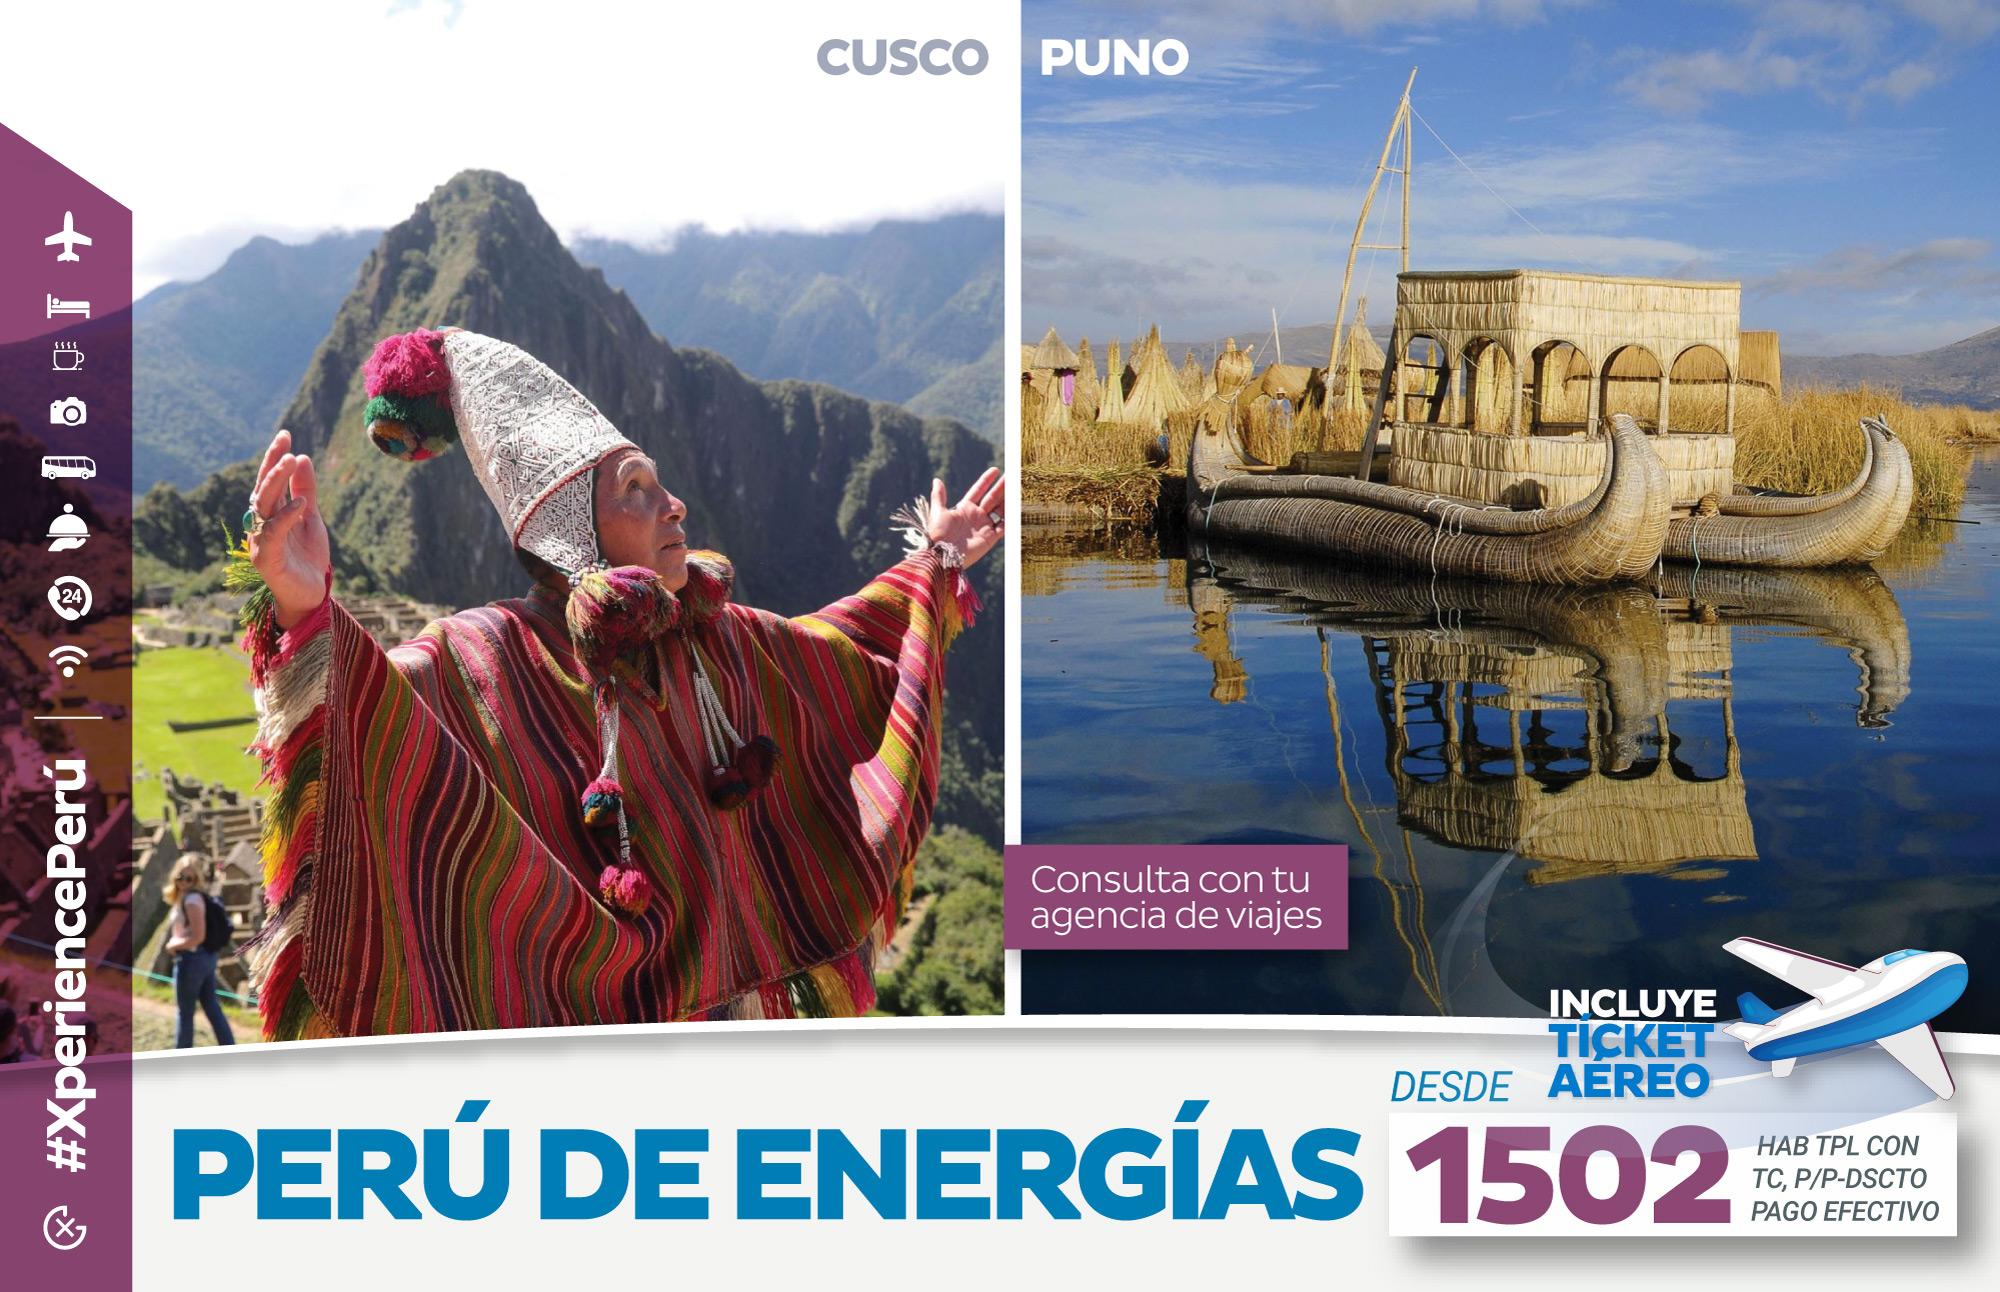 PERÚ DE ENERGÍAS